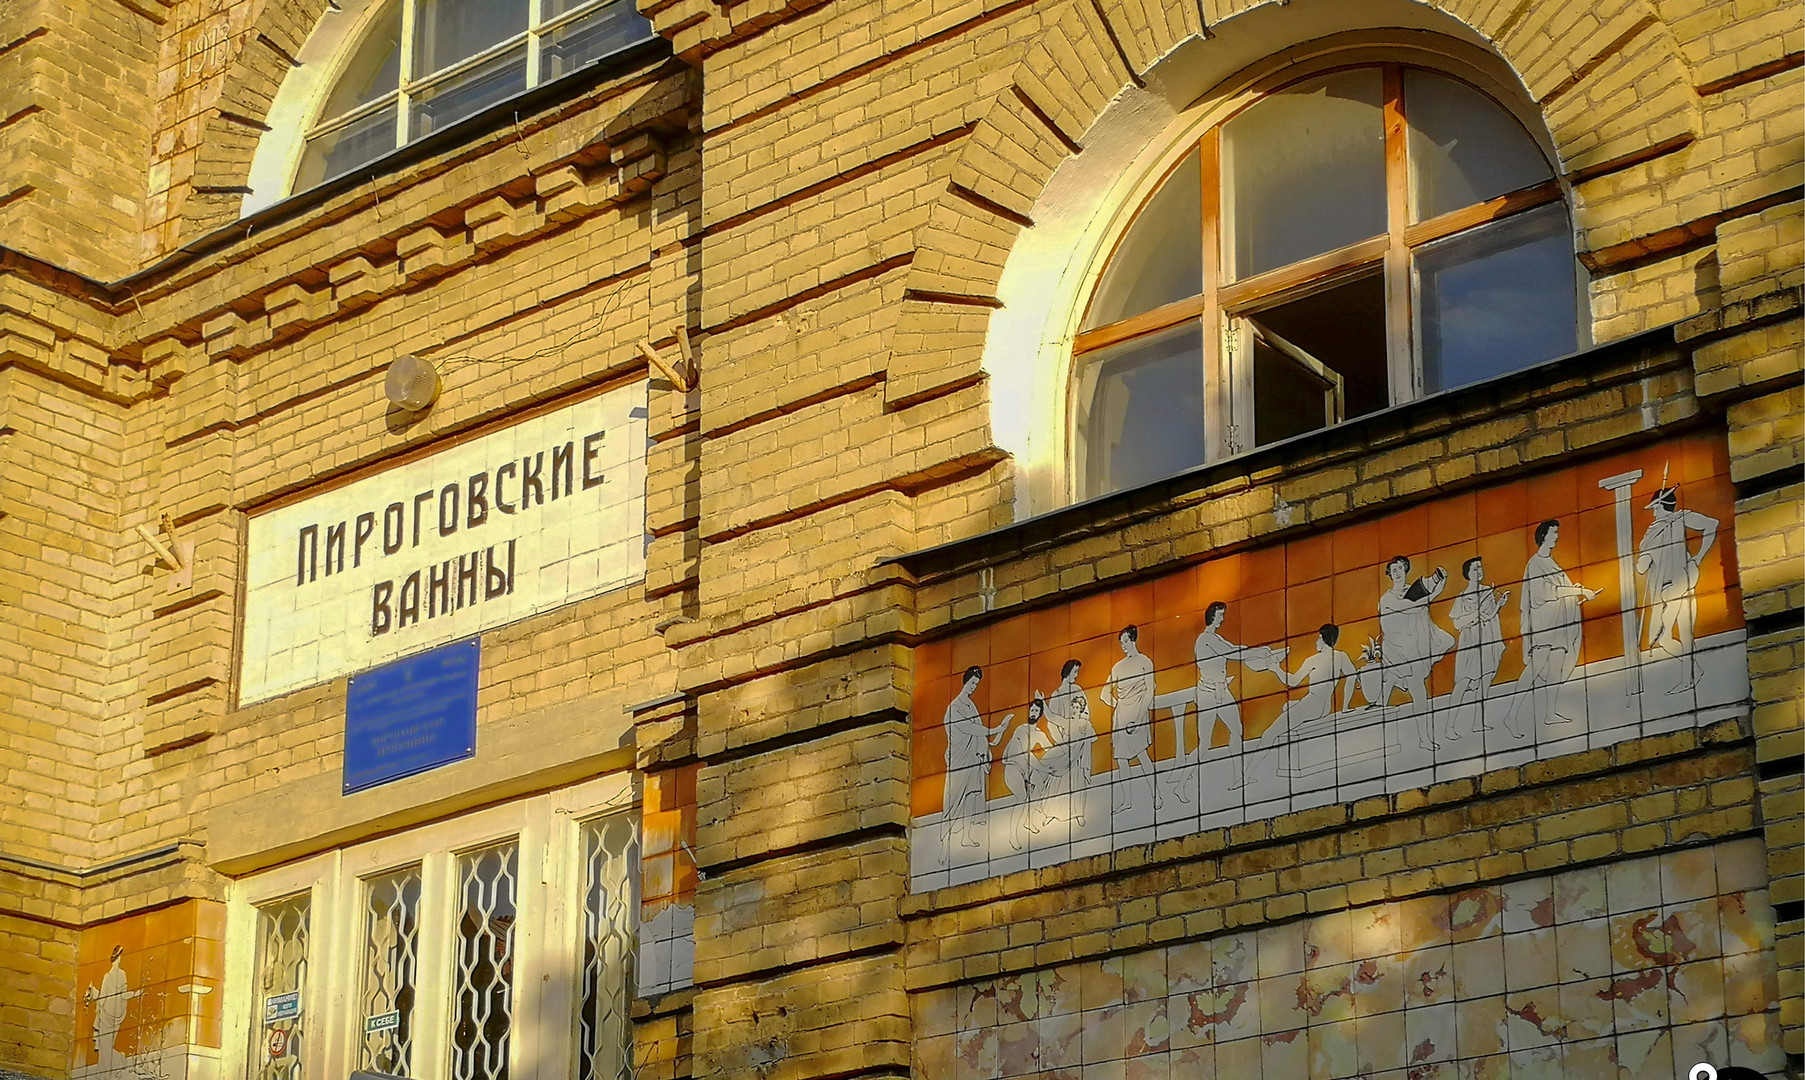 Пироговские нарзанные ванны, Пятигорск